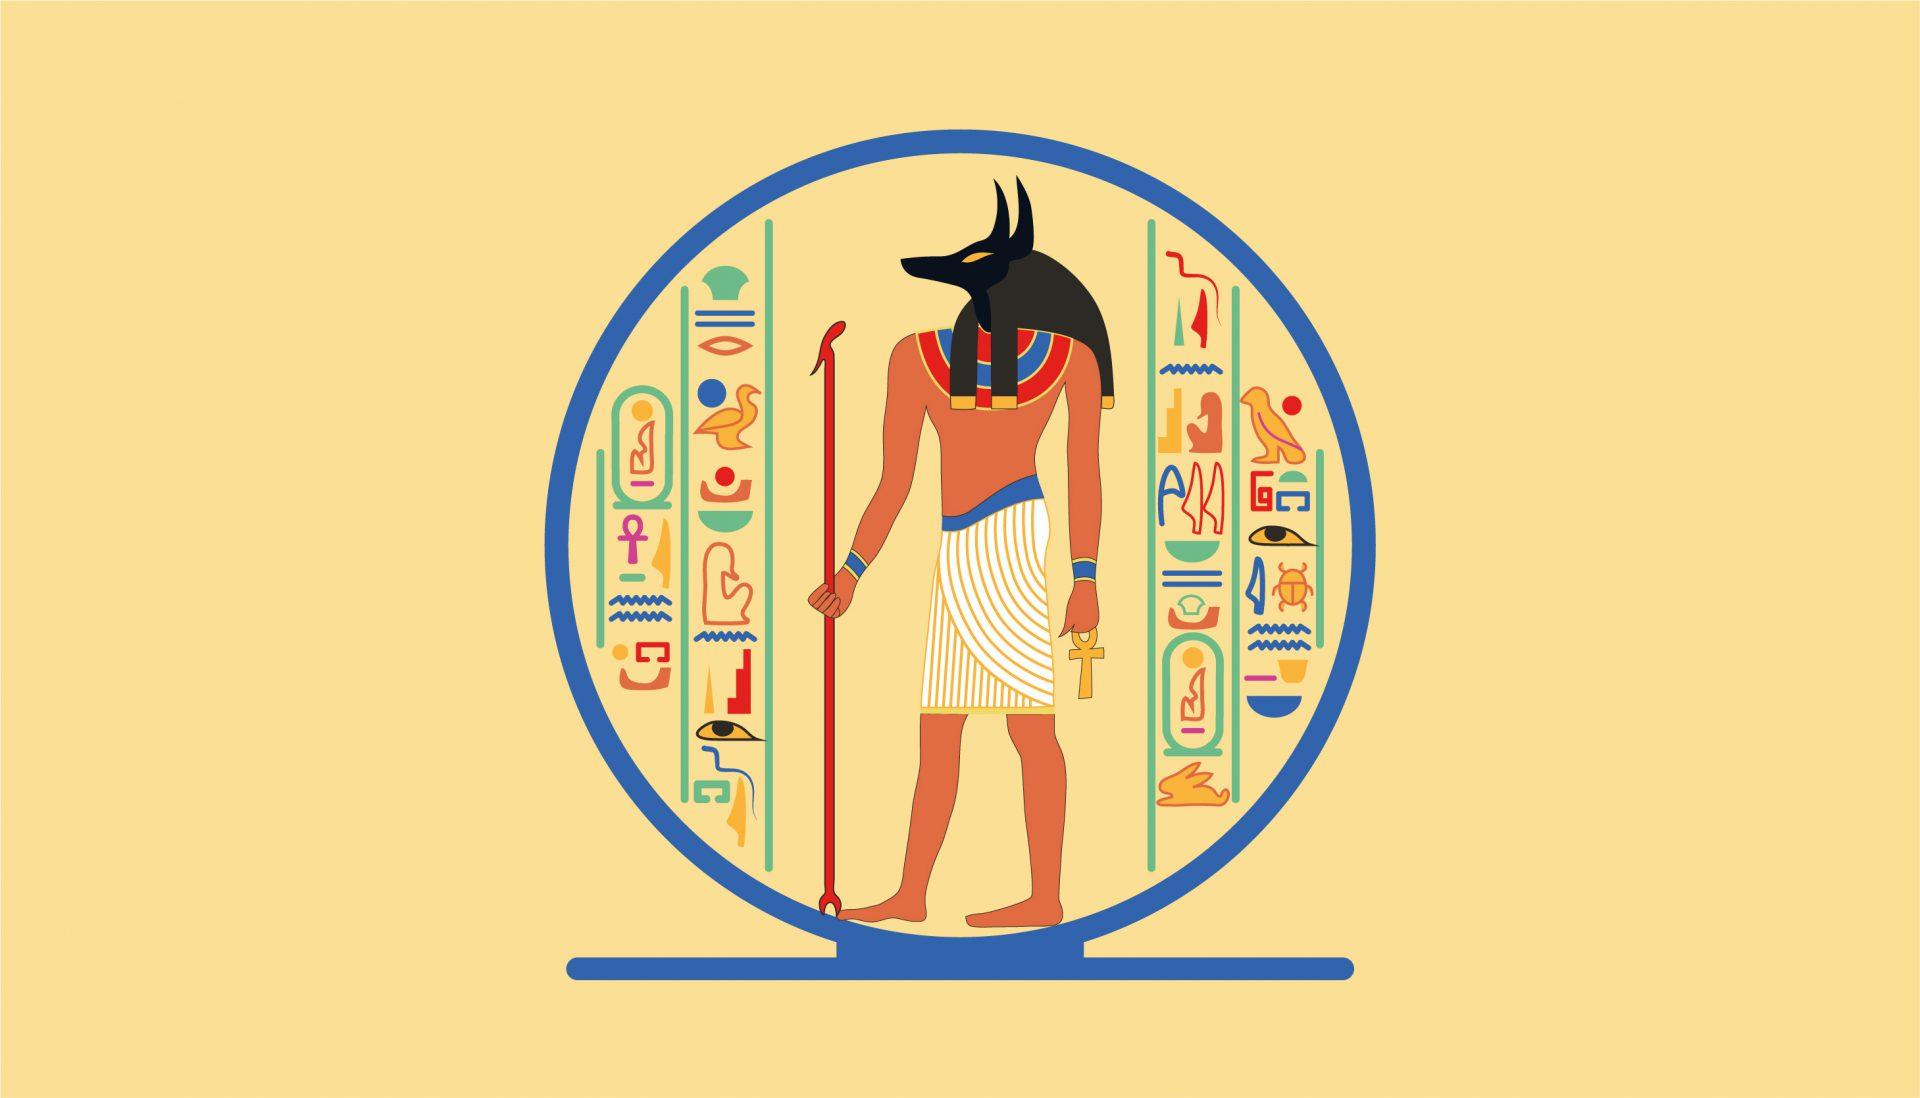 Elaborazione grafica ispirata ai geroglifici dell'Antico Egitto